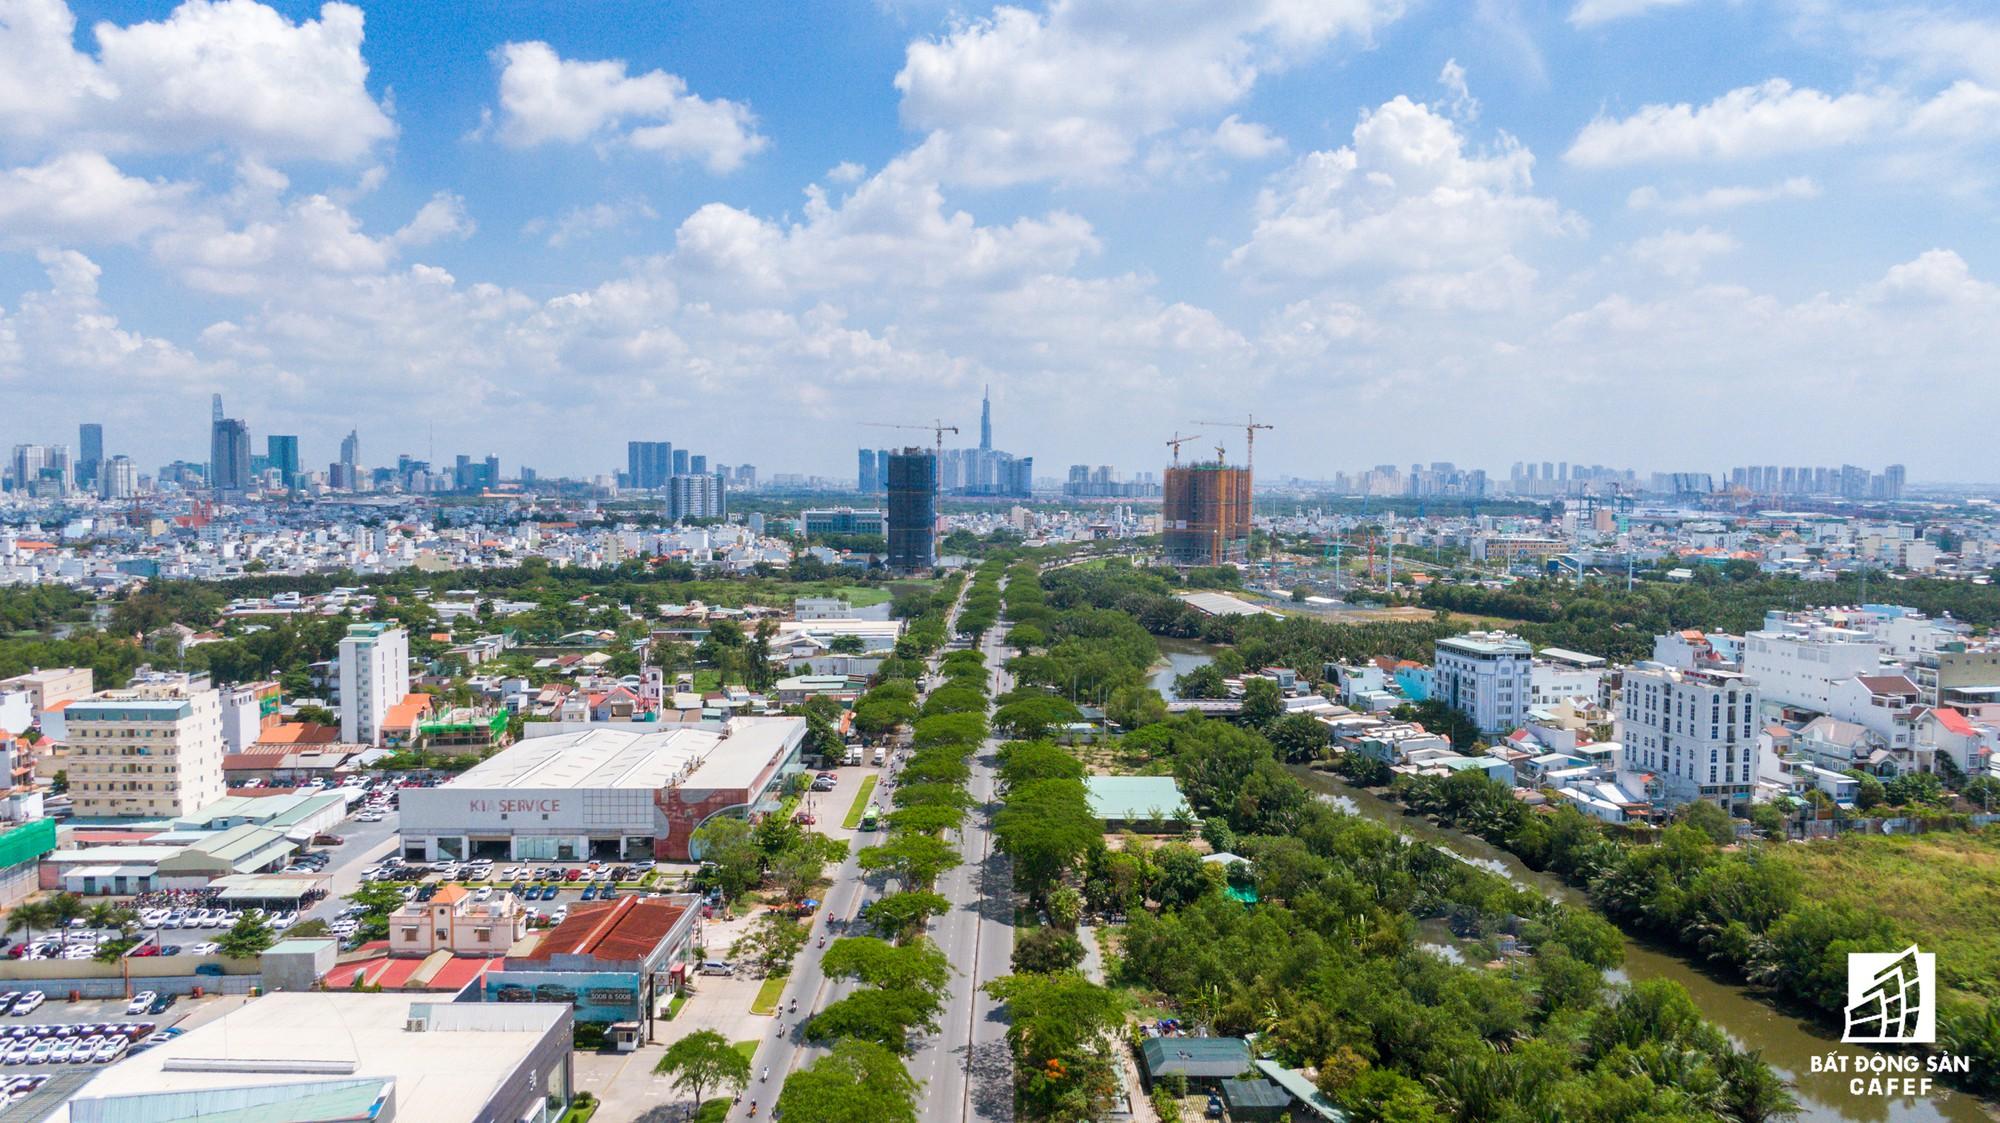 Toàn cảnh đại lộ tỷ đô đã tạo nên một thị trường bất động sản rất riêng cho khu Nam Sài Gòn - Ảnh 5. Toàn cảnh đại lộ tỷ đô đã tạo nên một thị trường bất động sản rất riêng cho khu Nam Sài Gòn Toàn cảnh đại lộ tỷ đô đã tạo nên một thị trường bất động sản rất riêng cho khu Nam Sài Gòn hinh 3 1567219528131943620923